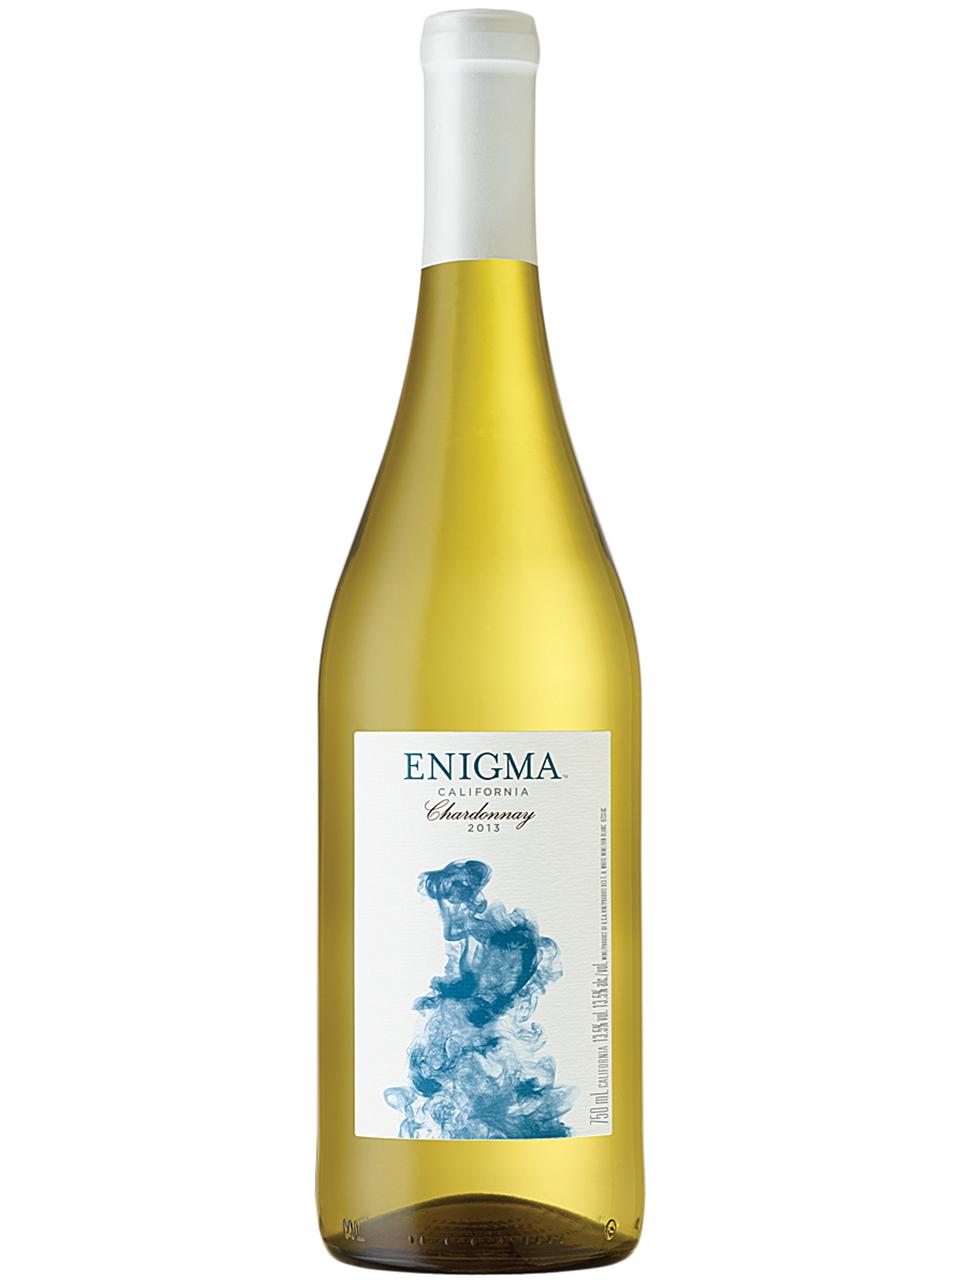 Enigma Chardonnay